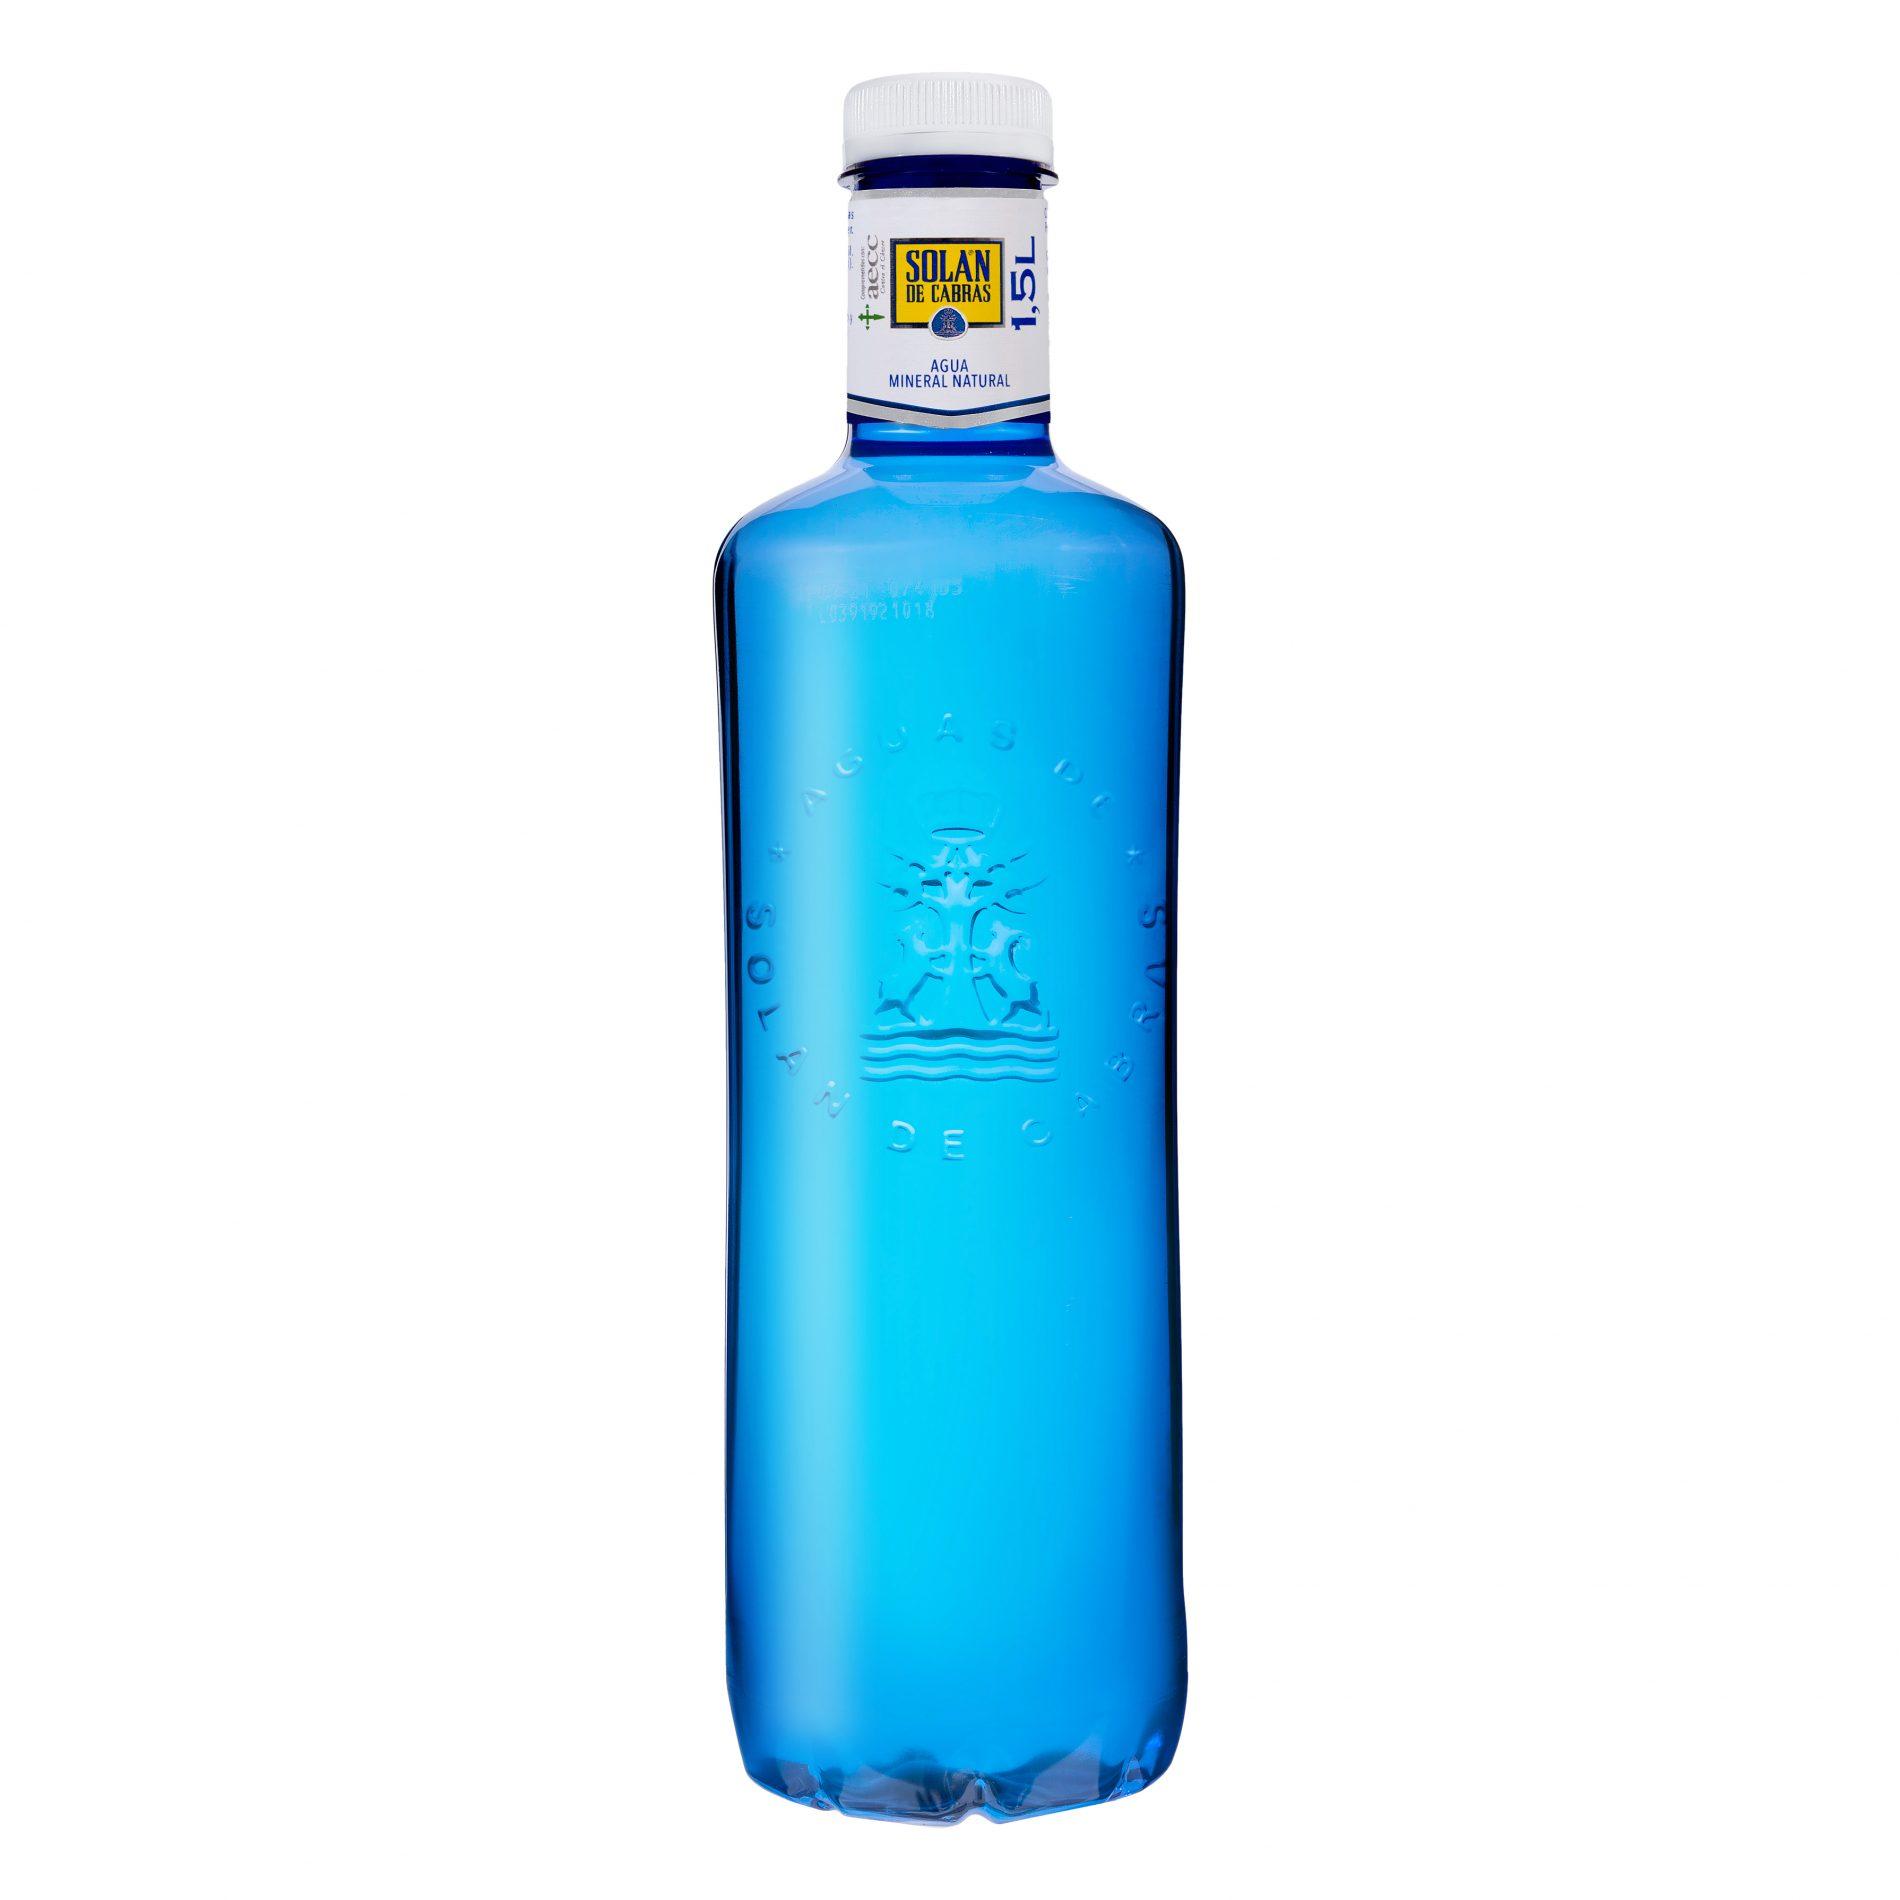 Fotografía Producto. Botella agua Solán de Cabras.